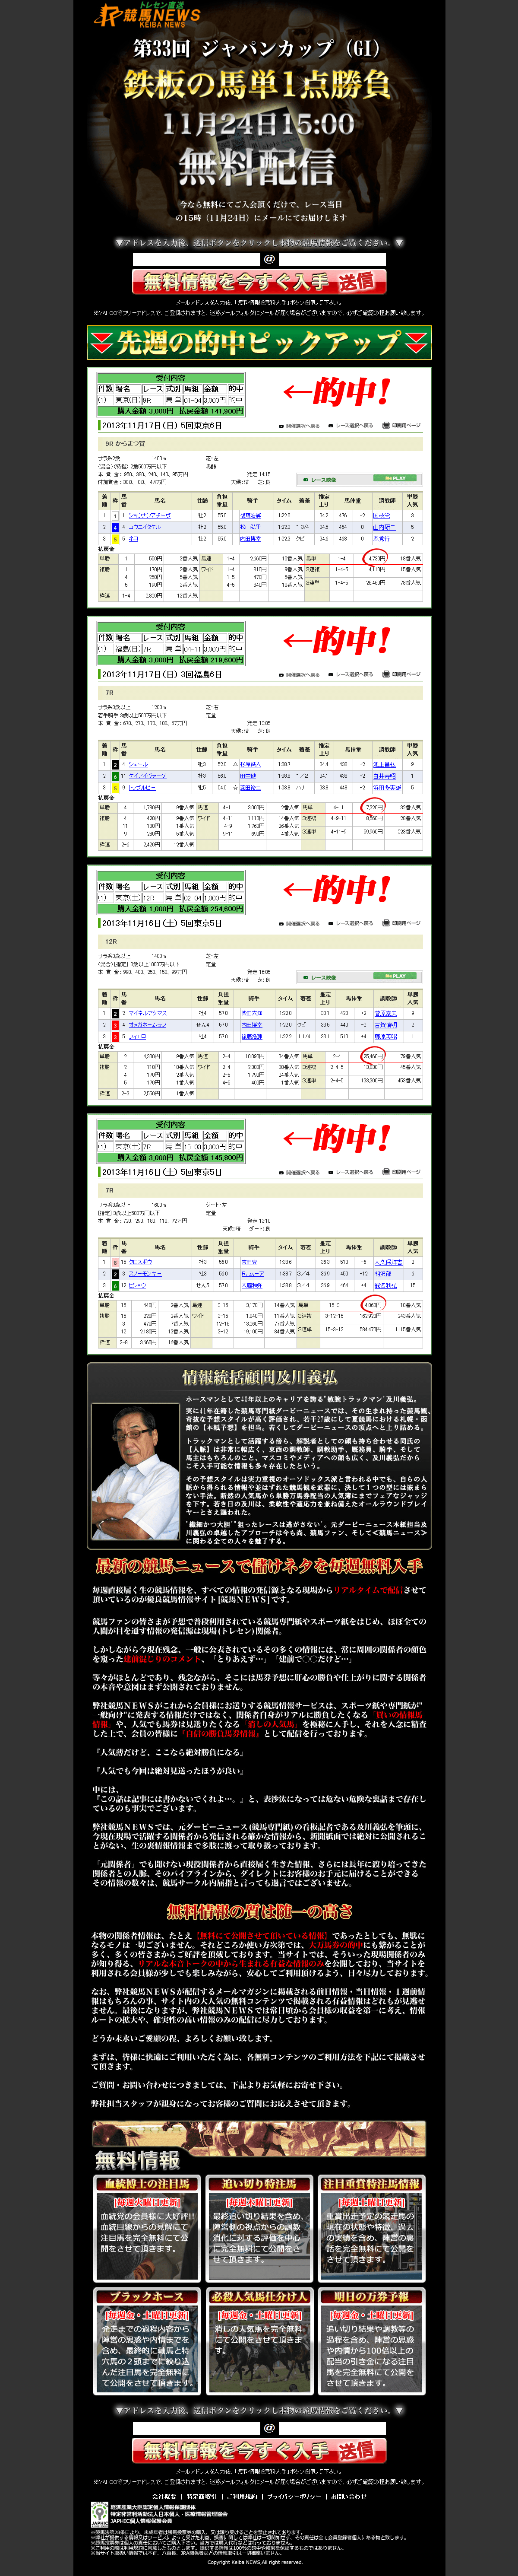 トレセン直送-競馬ニュース